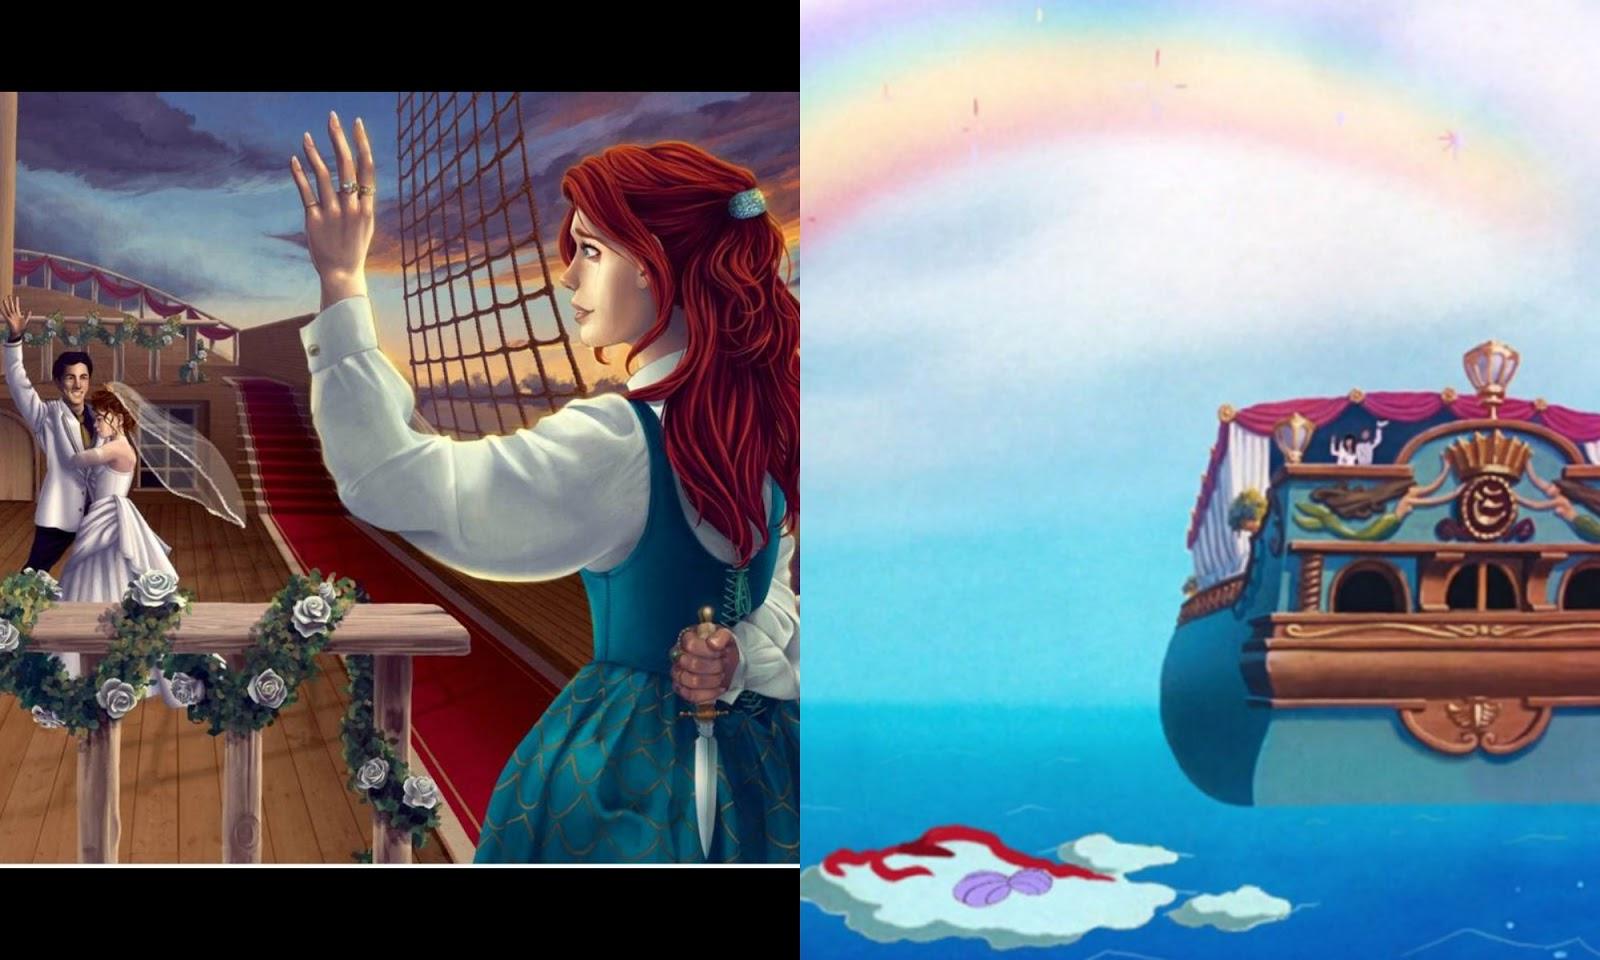 true ending of little mermaid